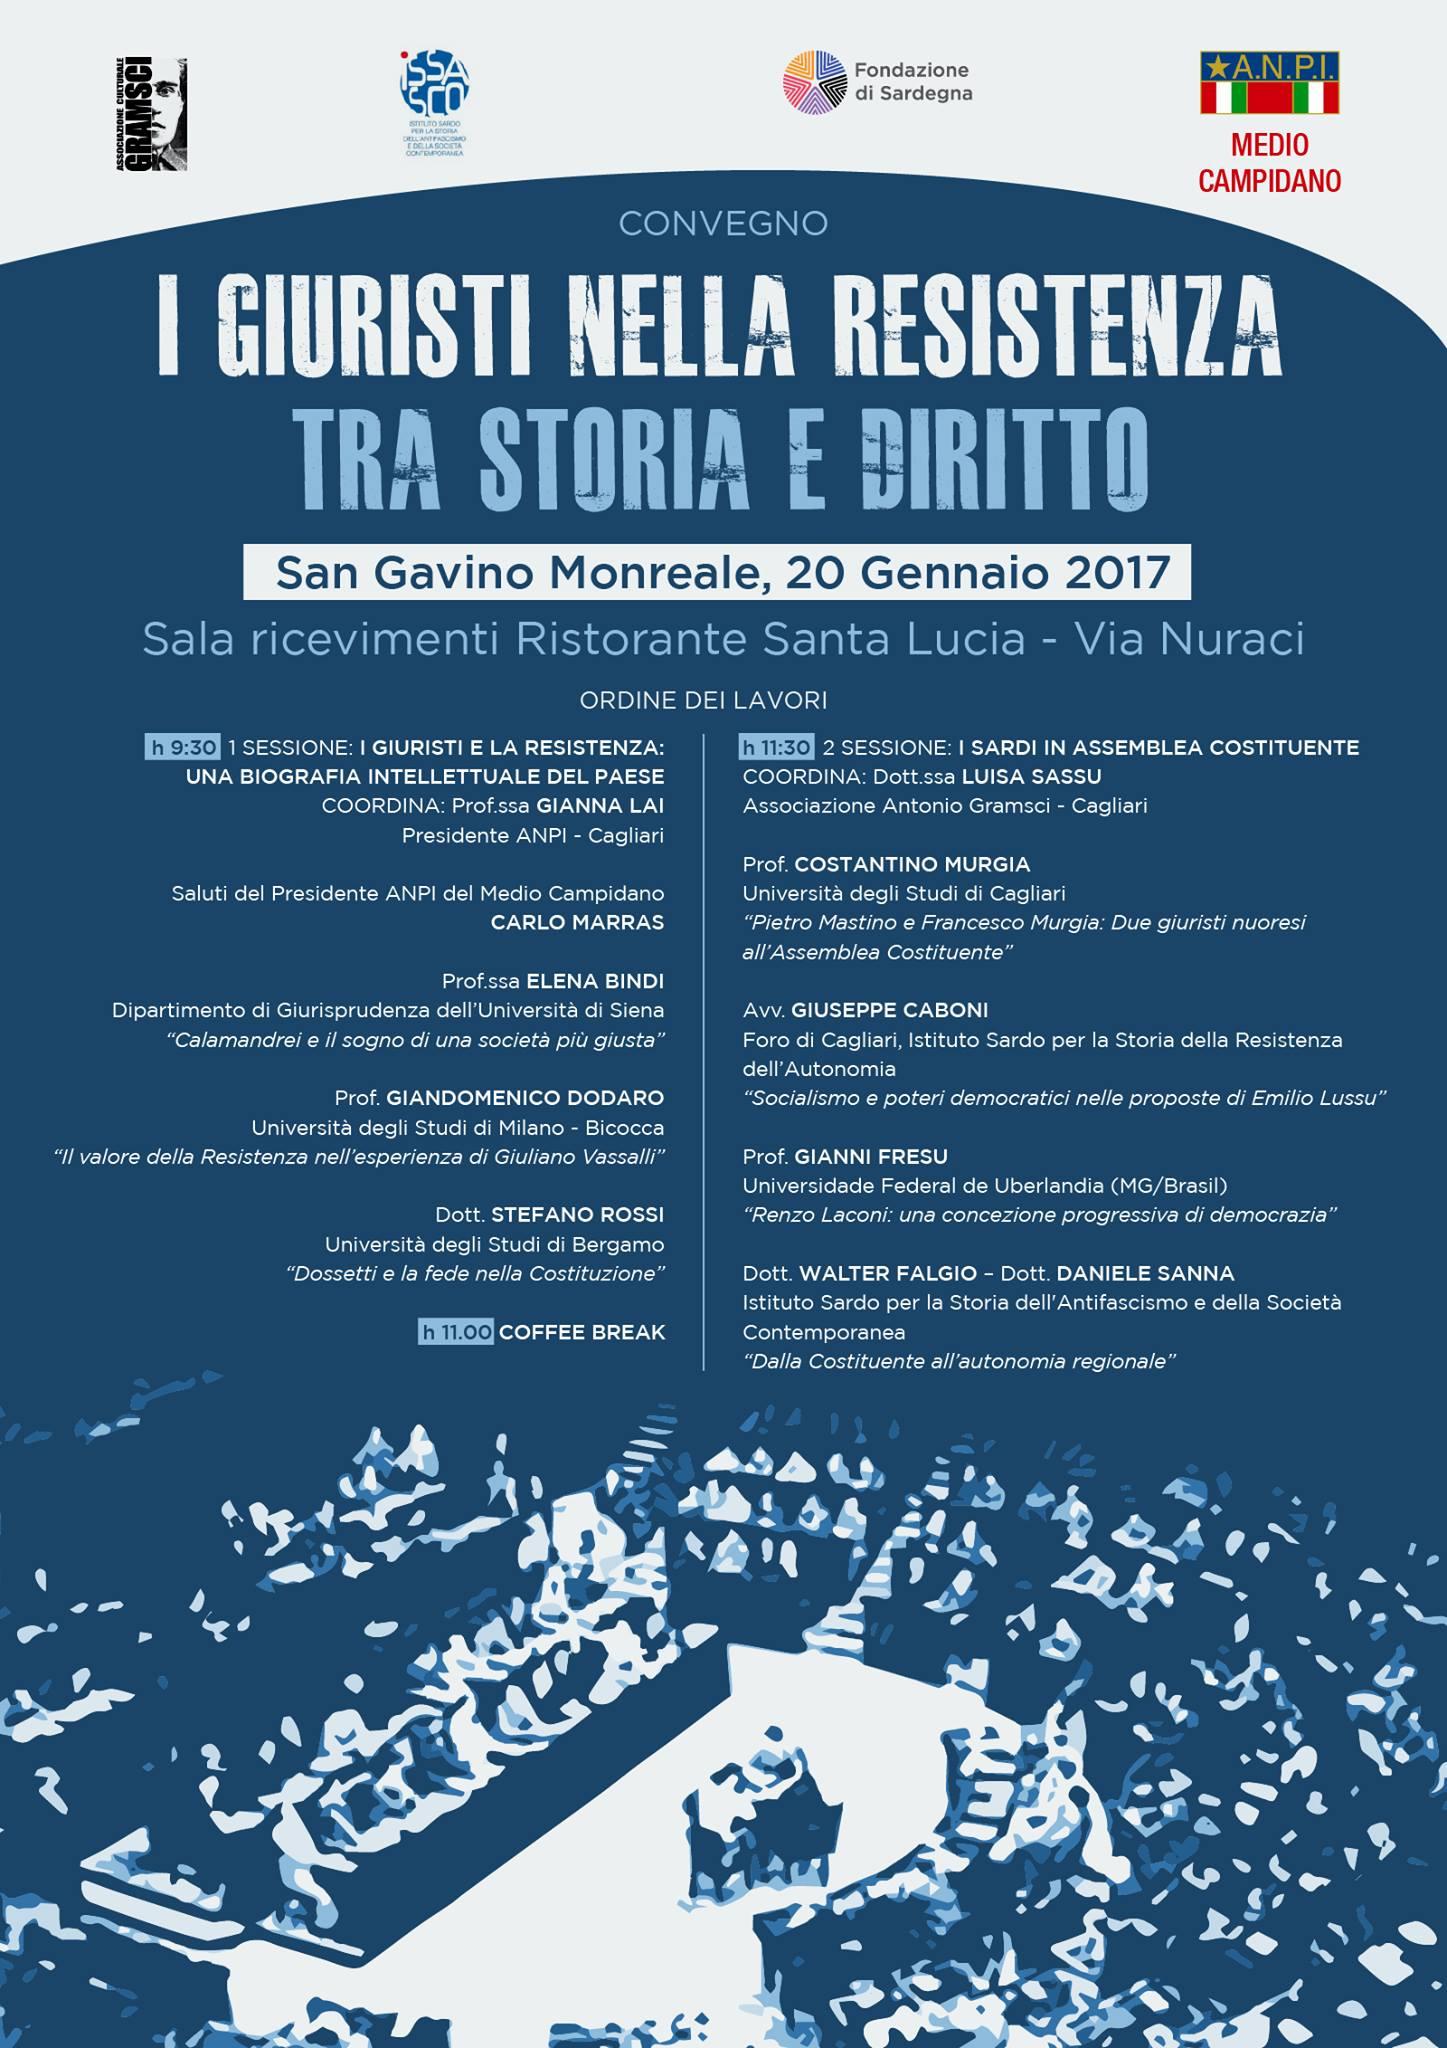 I Giuristi nella Resistenza. Tra storia e diritto.